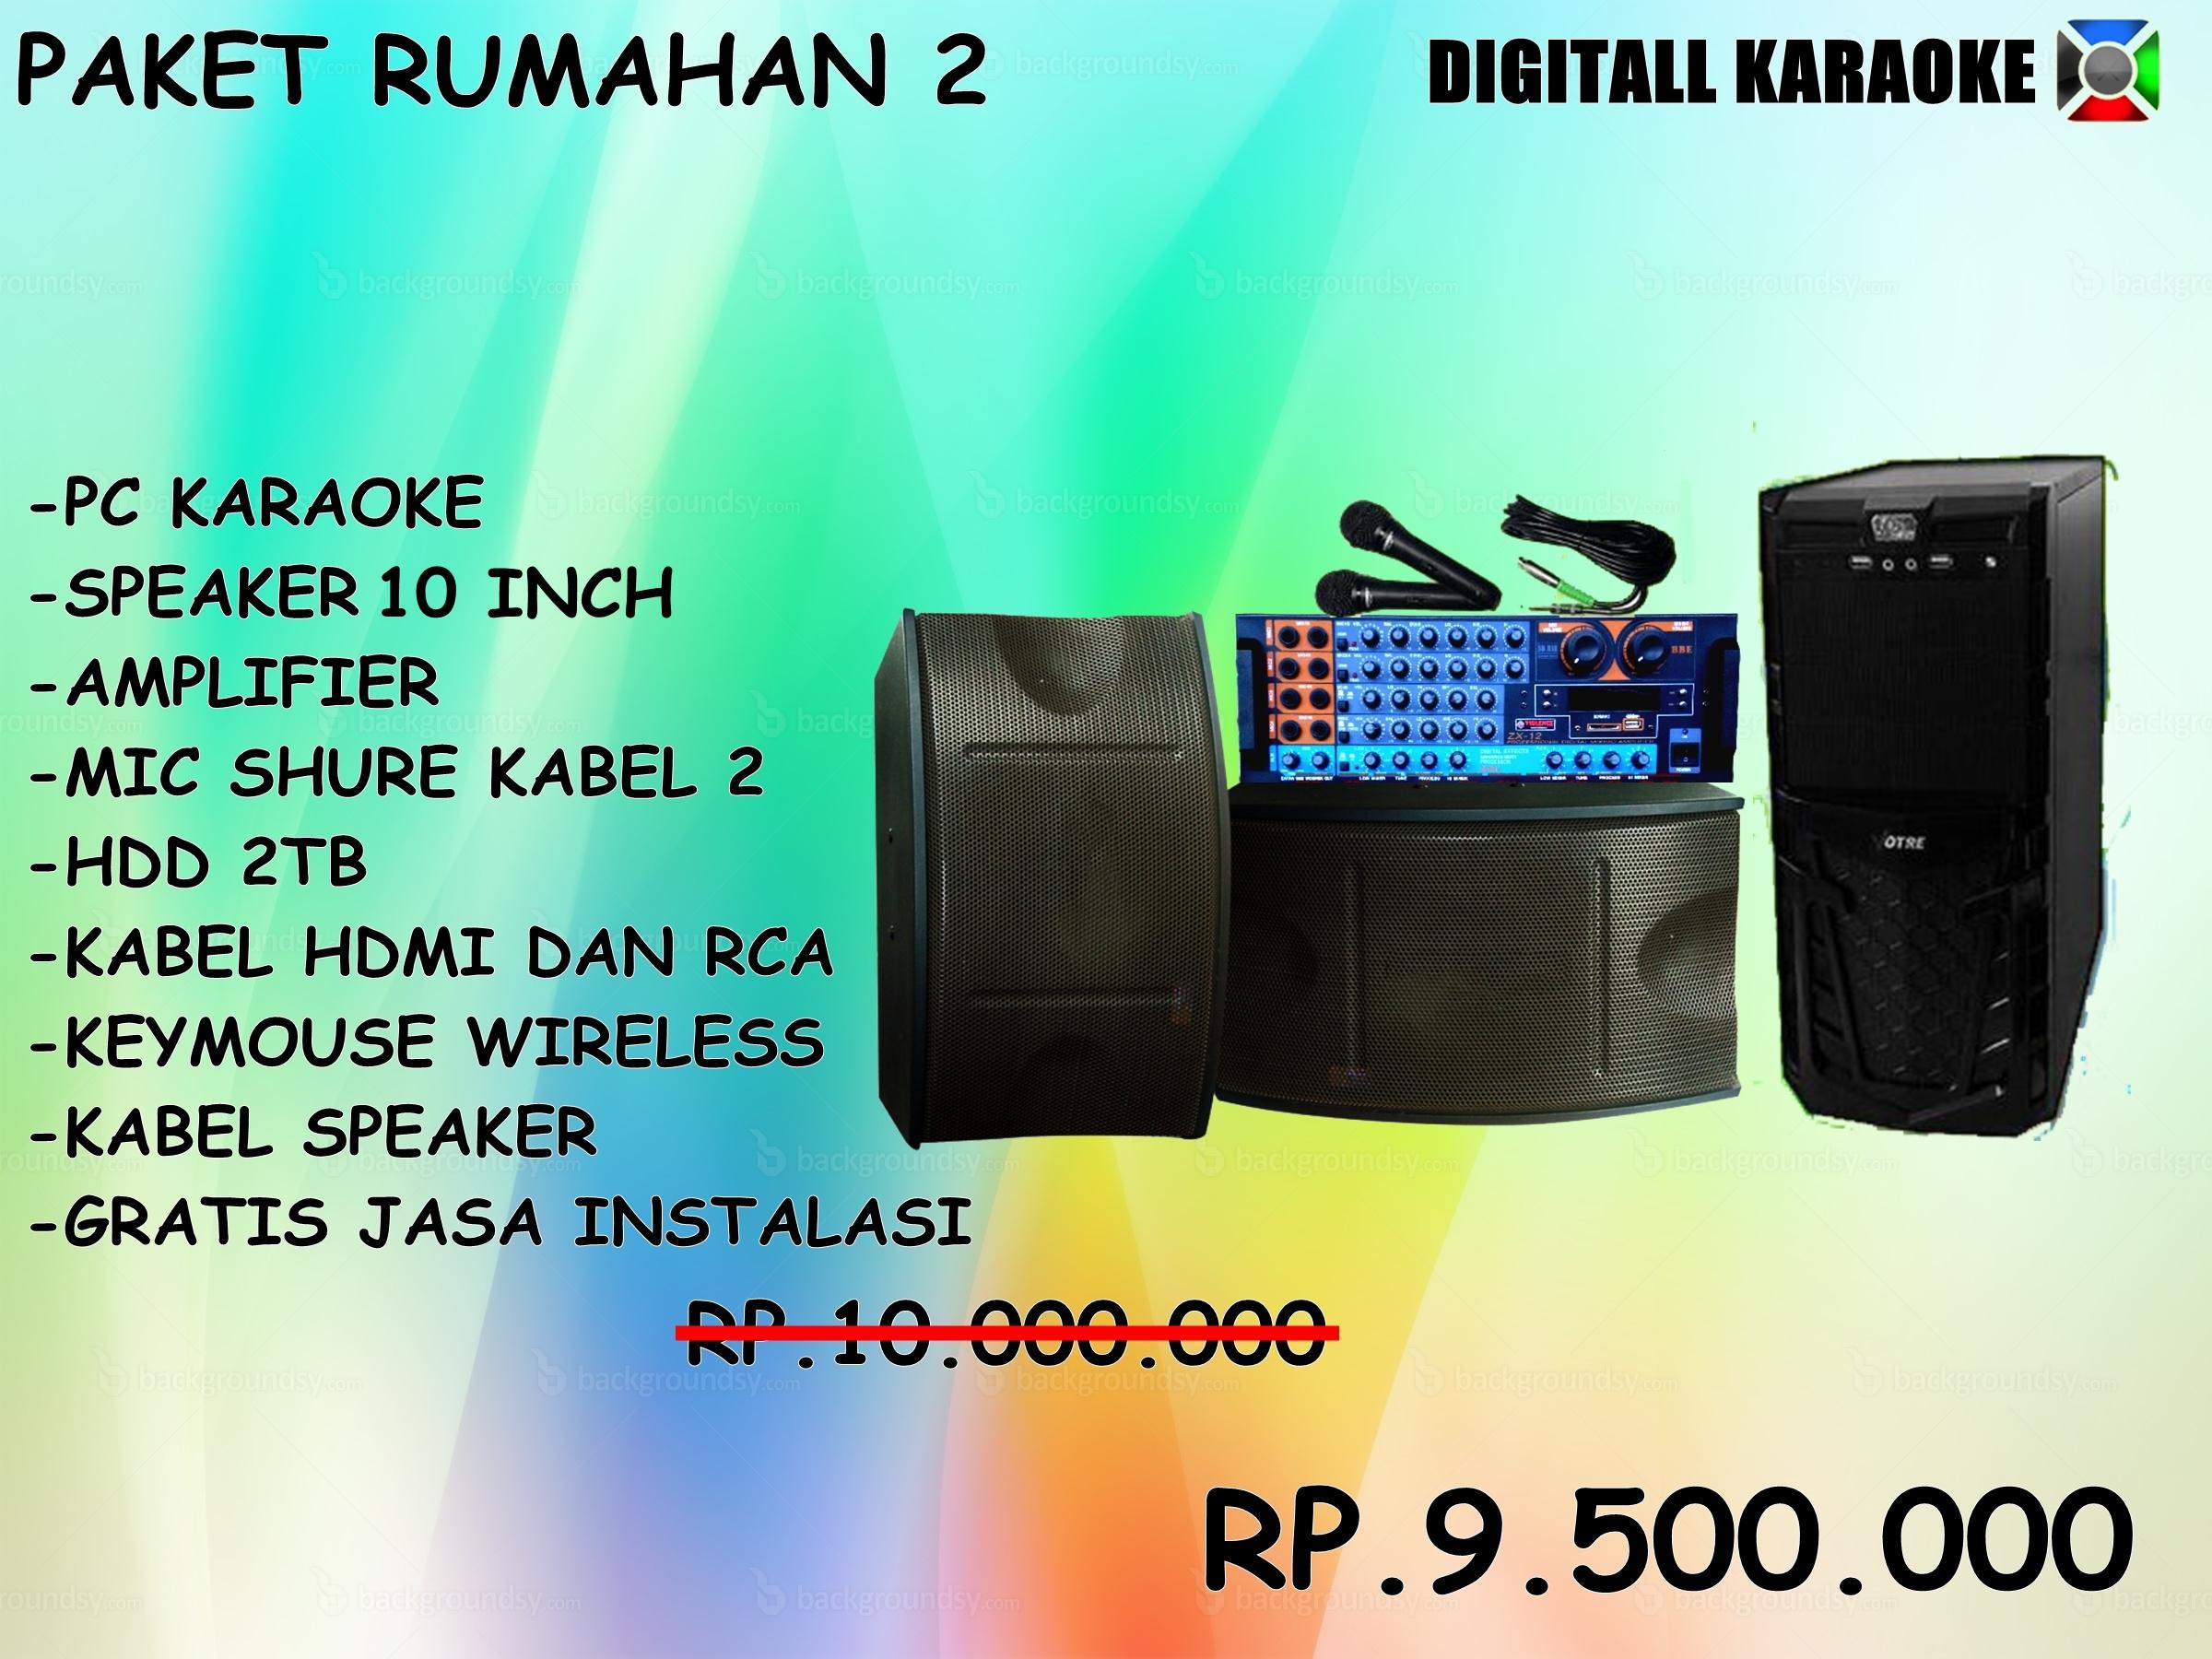 Jual Komputer Laptop Karaoke Home Surabaya Gresik Sidoarjo Paket Dvd Instal Ulang Sidoharjo Lamongan